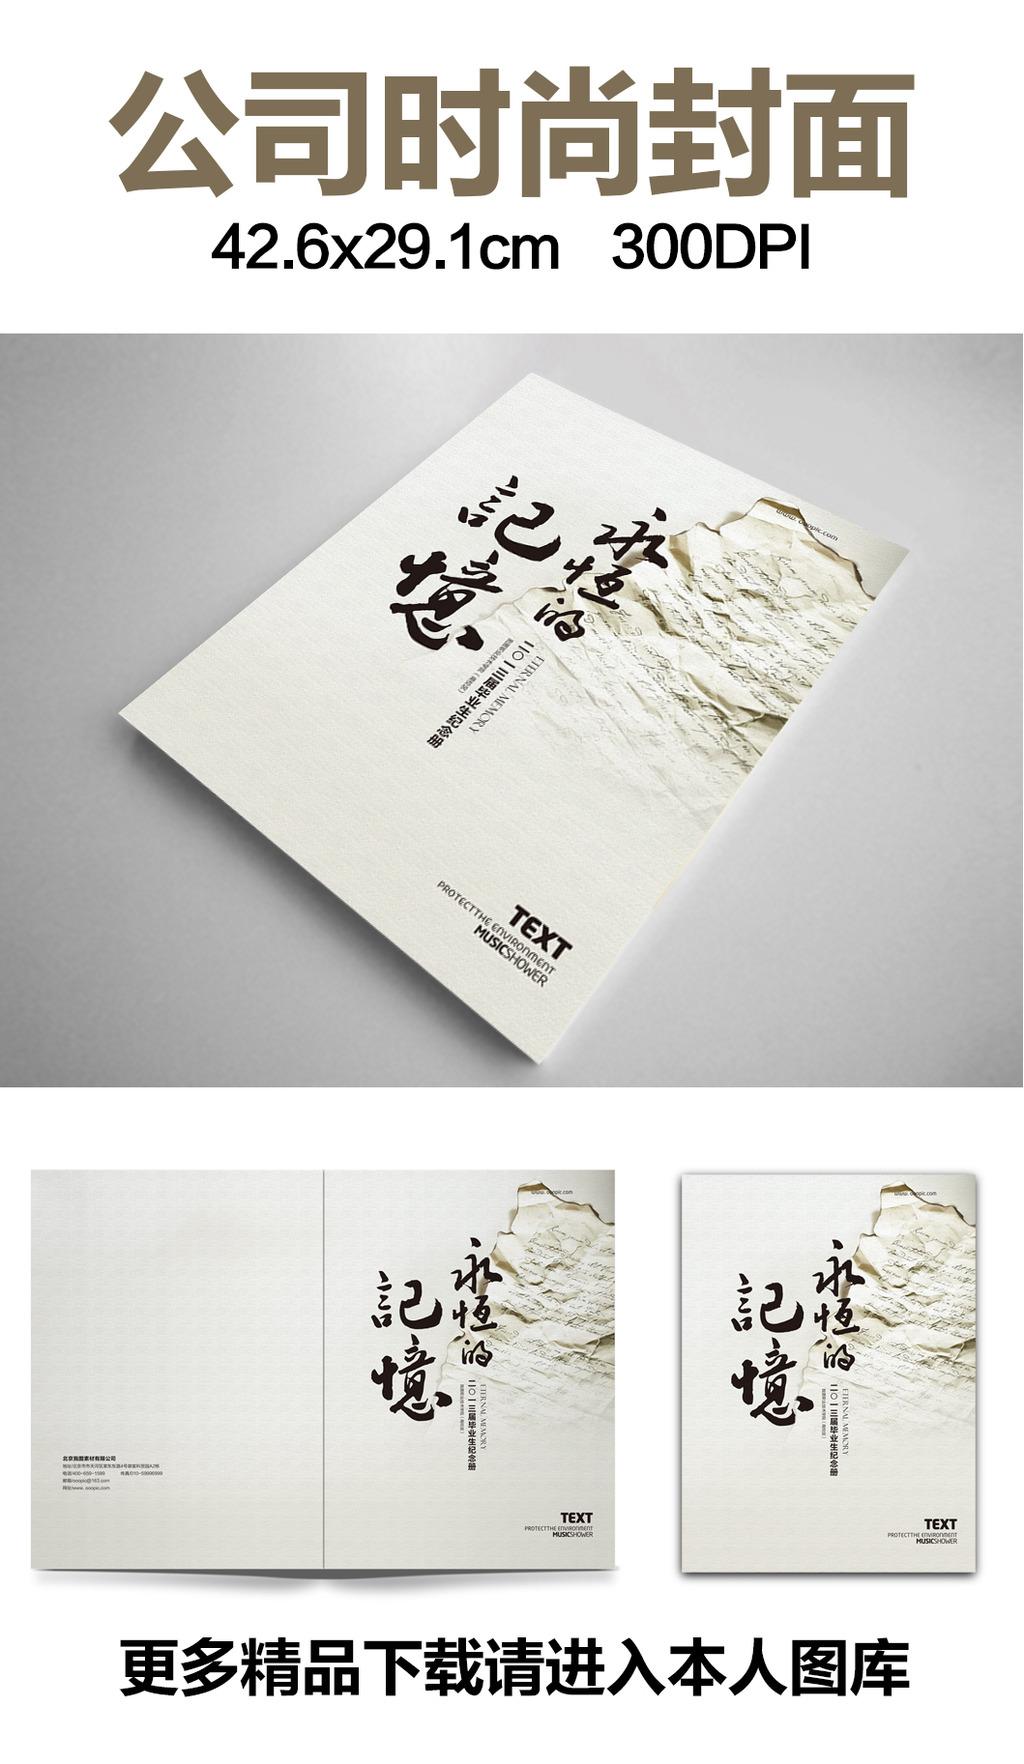 毕业季毕业纪念册封面设计